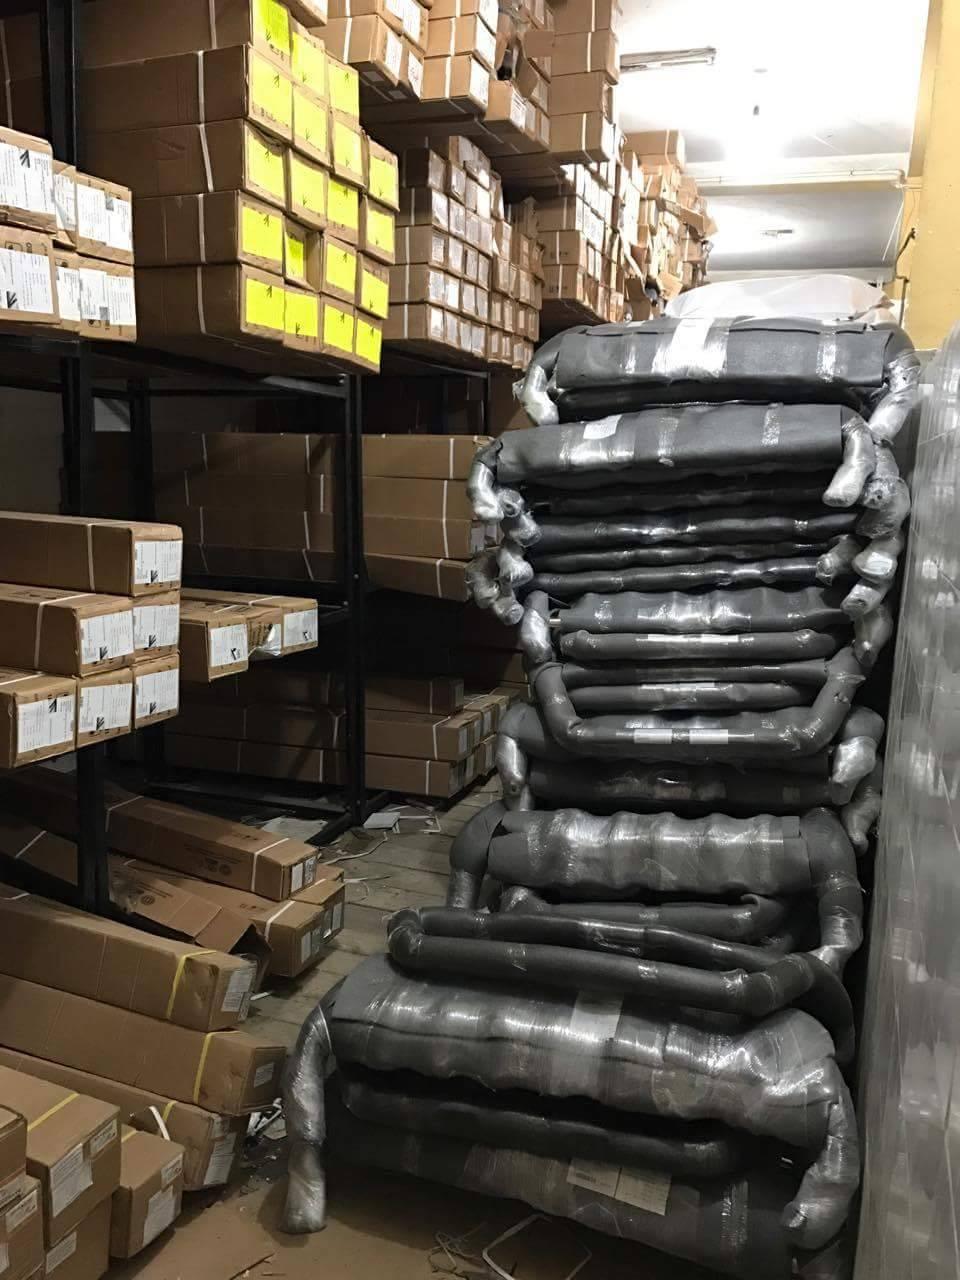 Accessoires Auto castor oran chez Tarek 05 51 29 71 57 ouedkniss